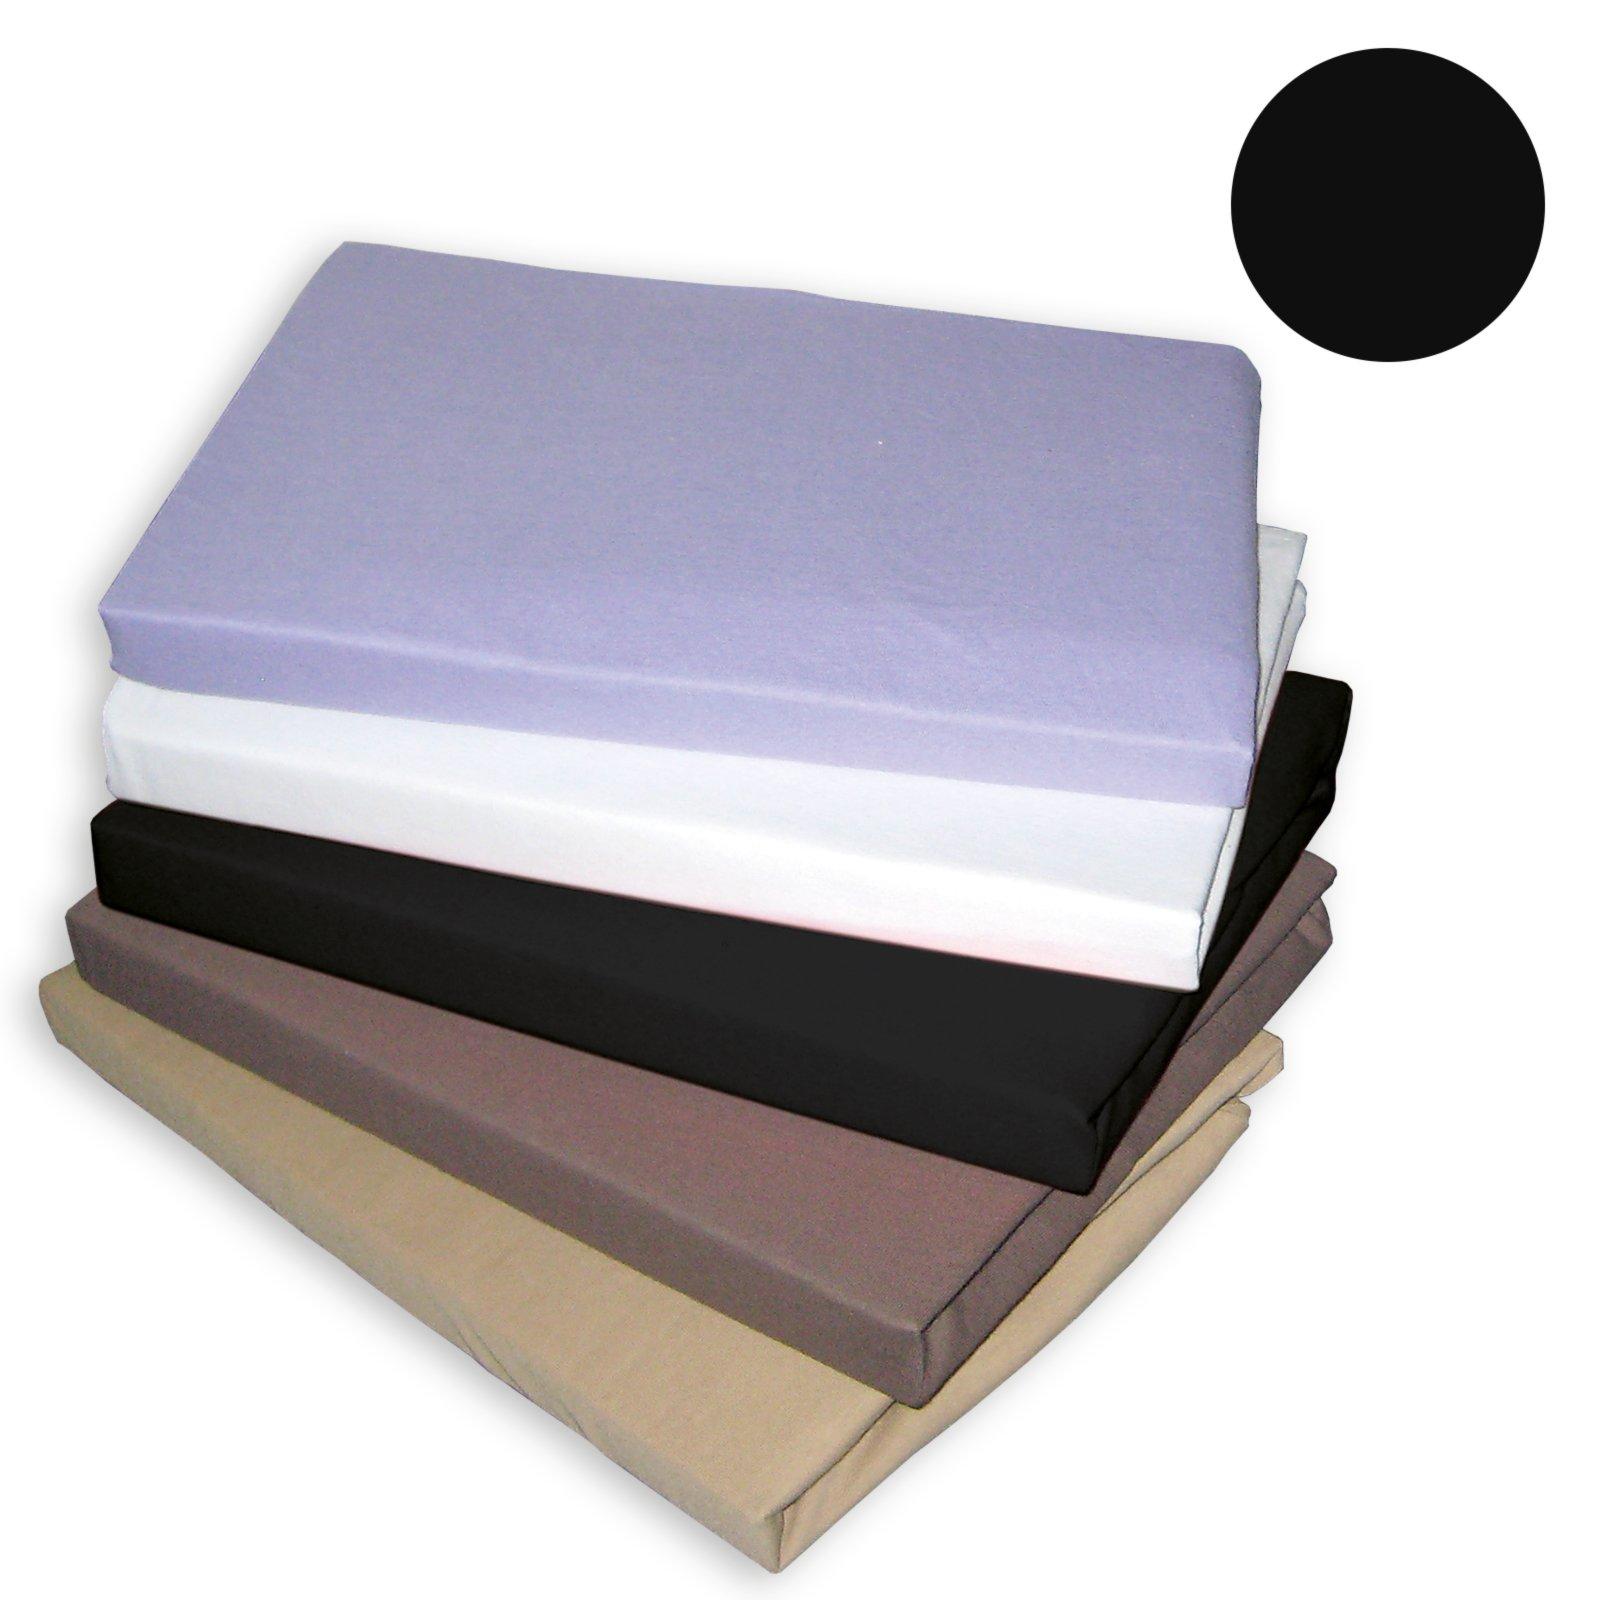 Topper-Spannbettlaken TRAUMHAFT GUT - schwarz - 150x200 cm